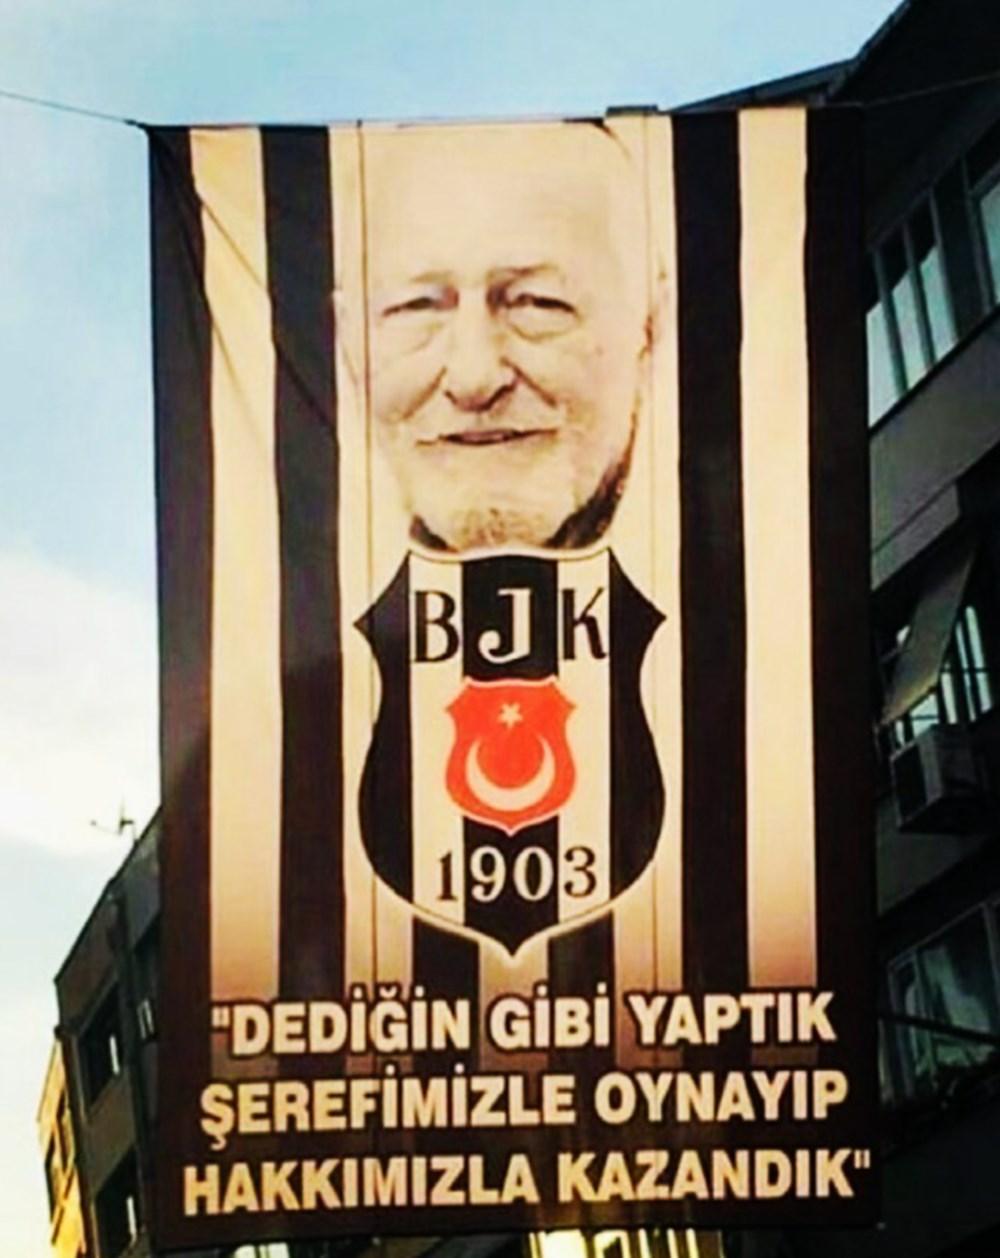 Ünlülerden Beşiktaş'ın şampiyonluk paylaşımları - 5